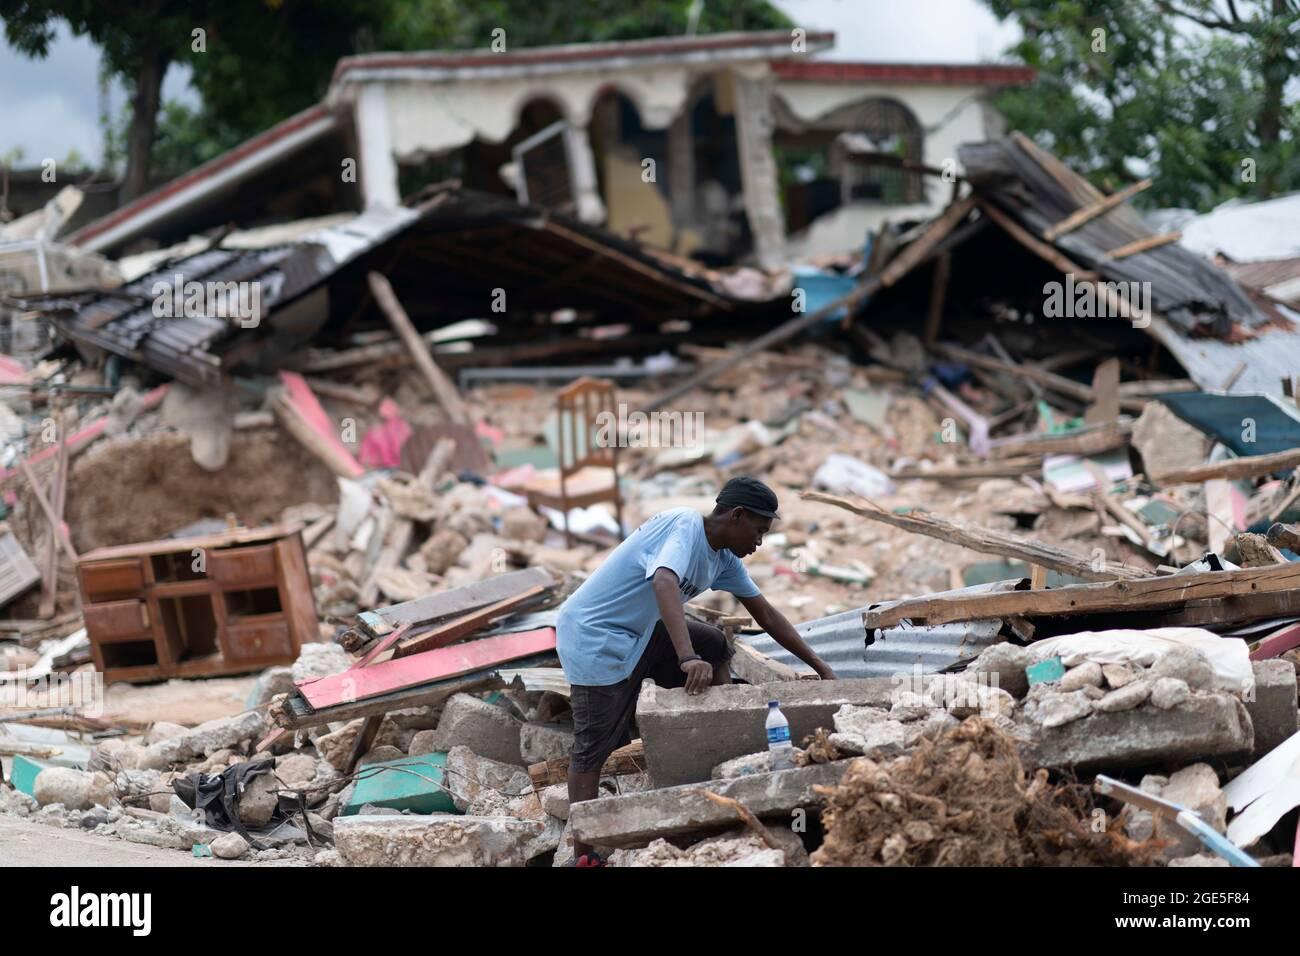 Les Cayes, Haiti. August 2021. Am 16. August 2021 sucht ein Mann in Les Cayes, Haiti, nach einem Erdbeben in den Trümmern eines eingestürzten Hauses nach. Die Zahl der Todesopfer durch das starke Erdbeben, das am Samstag den Südwesten Haitis heimsuchte, stieg auf 1,419, teilten die Behörden am Montag mit. Das Erdbeben der Stärke 7.2 hat außerdem mindestens 6,900 Menschen verletzt und mehr als 37,000 Häuser zerstört, so die Katastrophenschutzbehörde des Landes. Quelle: David de la Paz/Xinhua/Alamy Live News Stockfoto